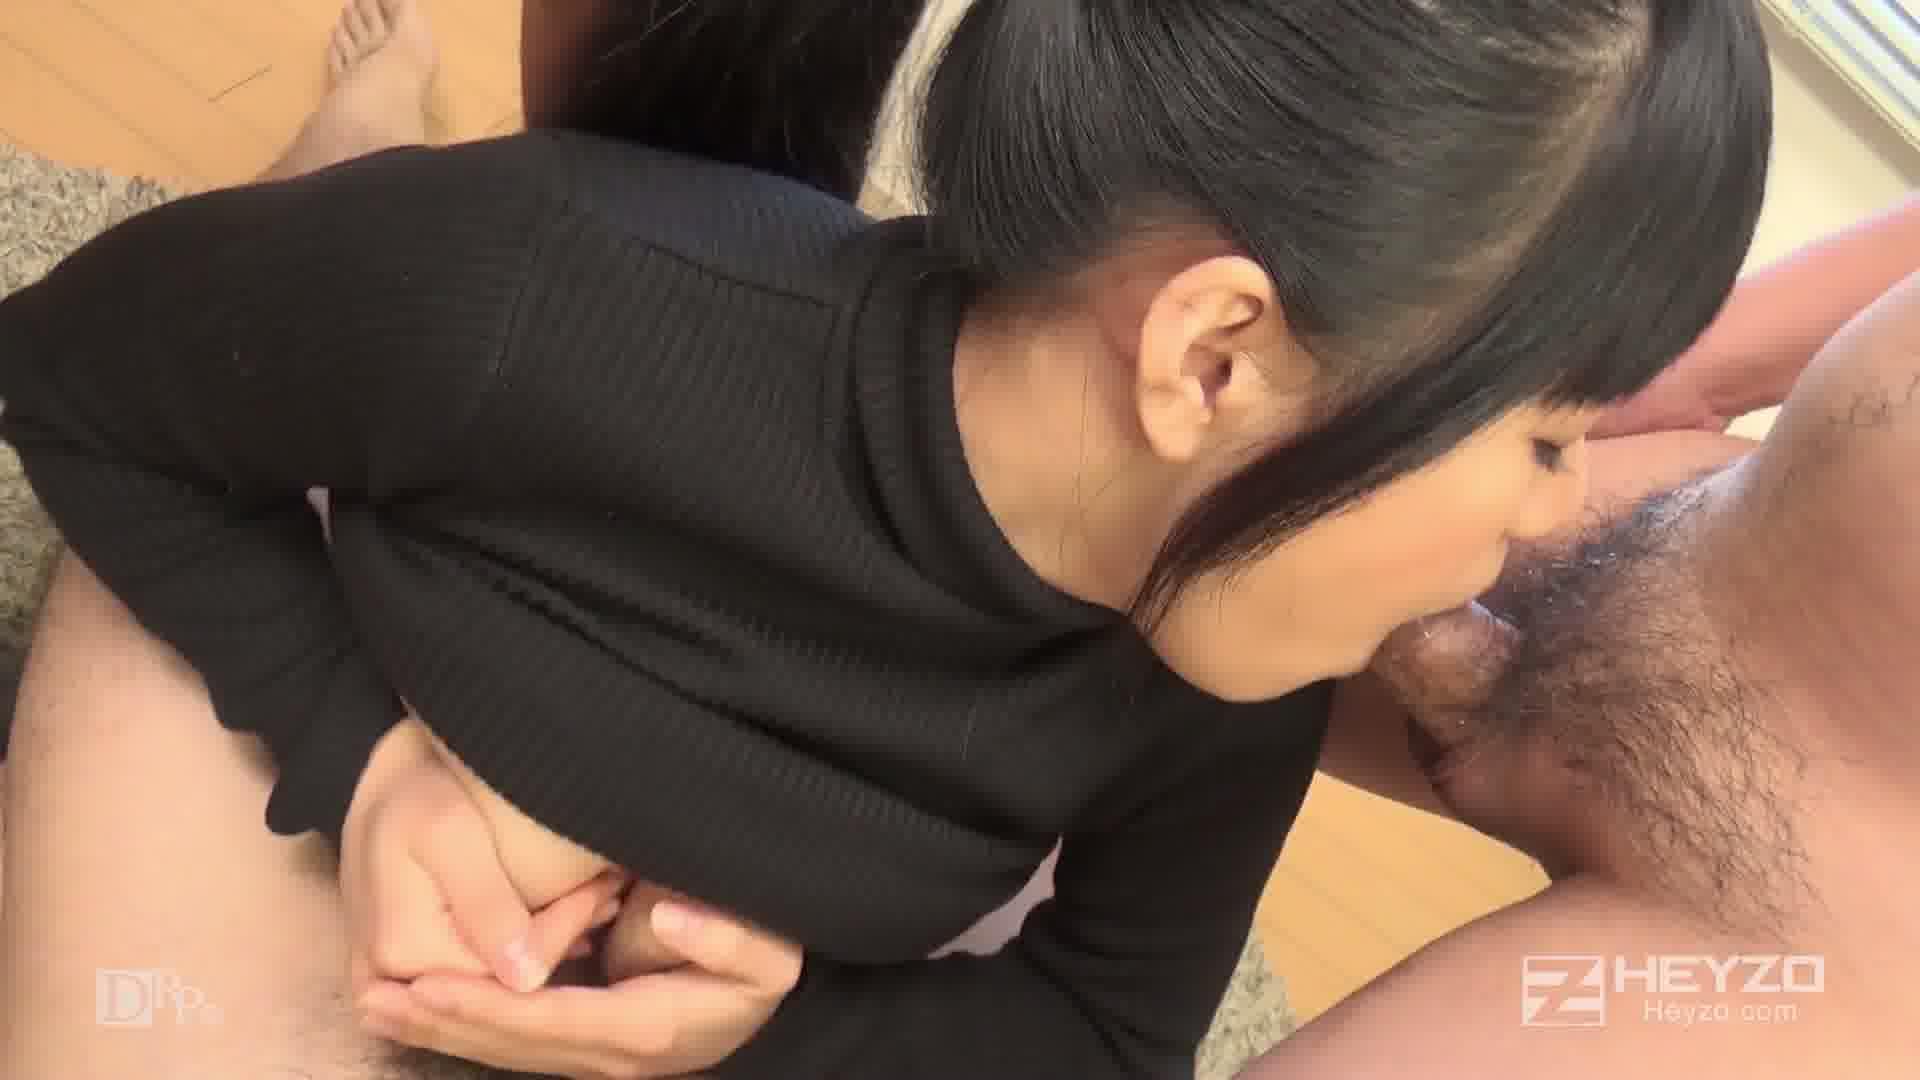 巨乳素人娘にピチめのセーター着せちゃいました! - 綾見ひなの【おっぱい パイズリ フェラ抜き】